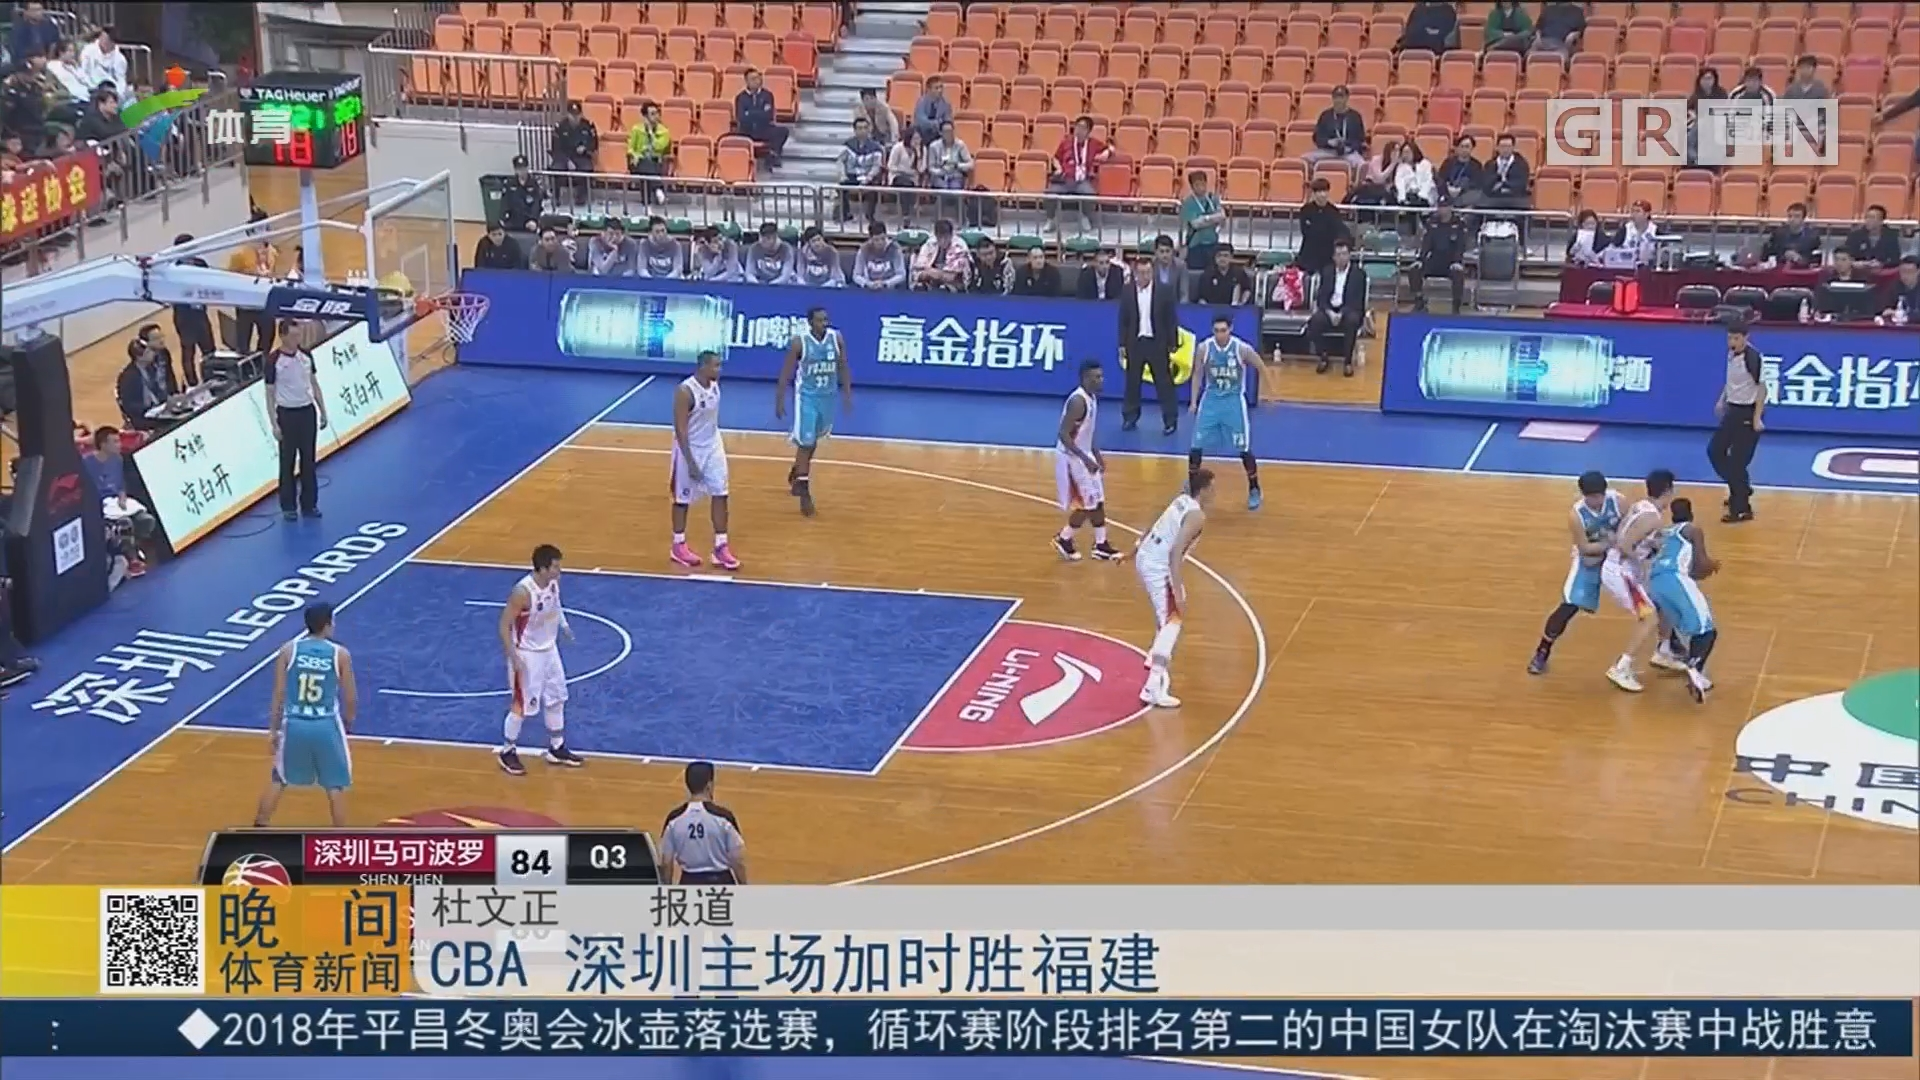 CBA 深圳主场加时胜福建